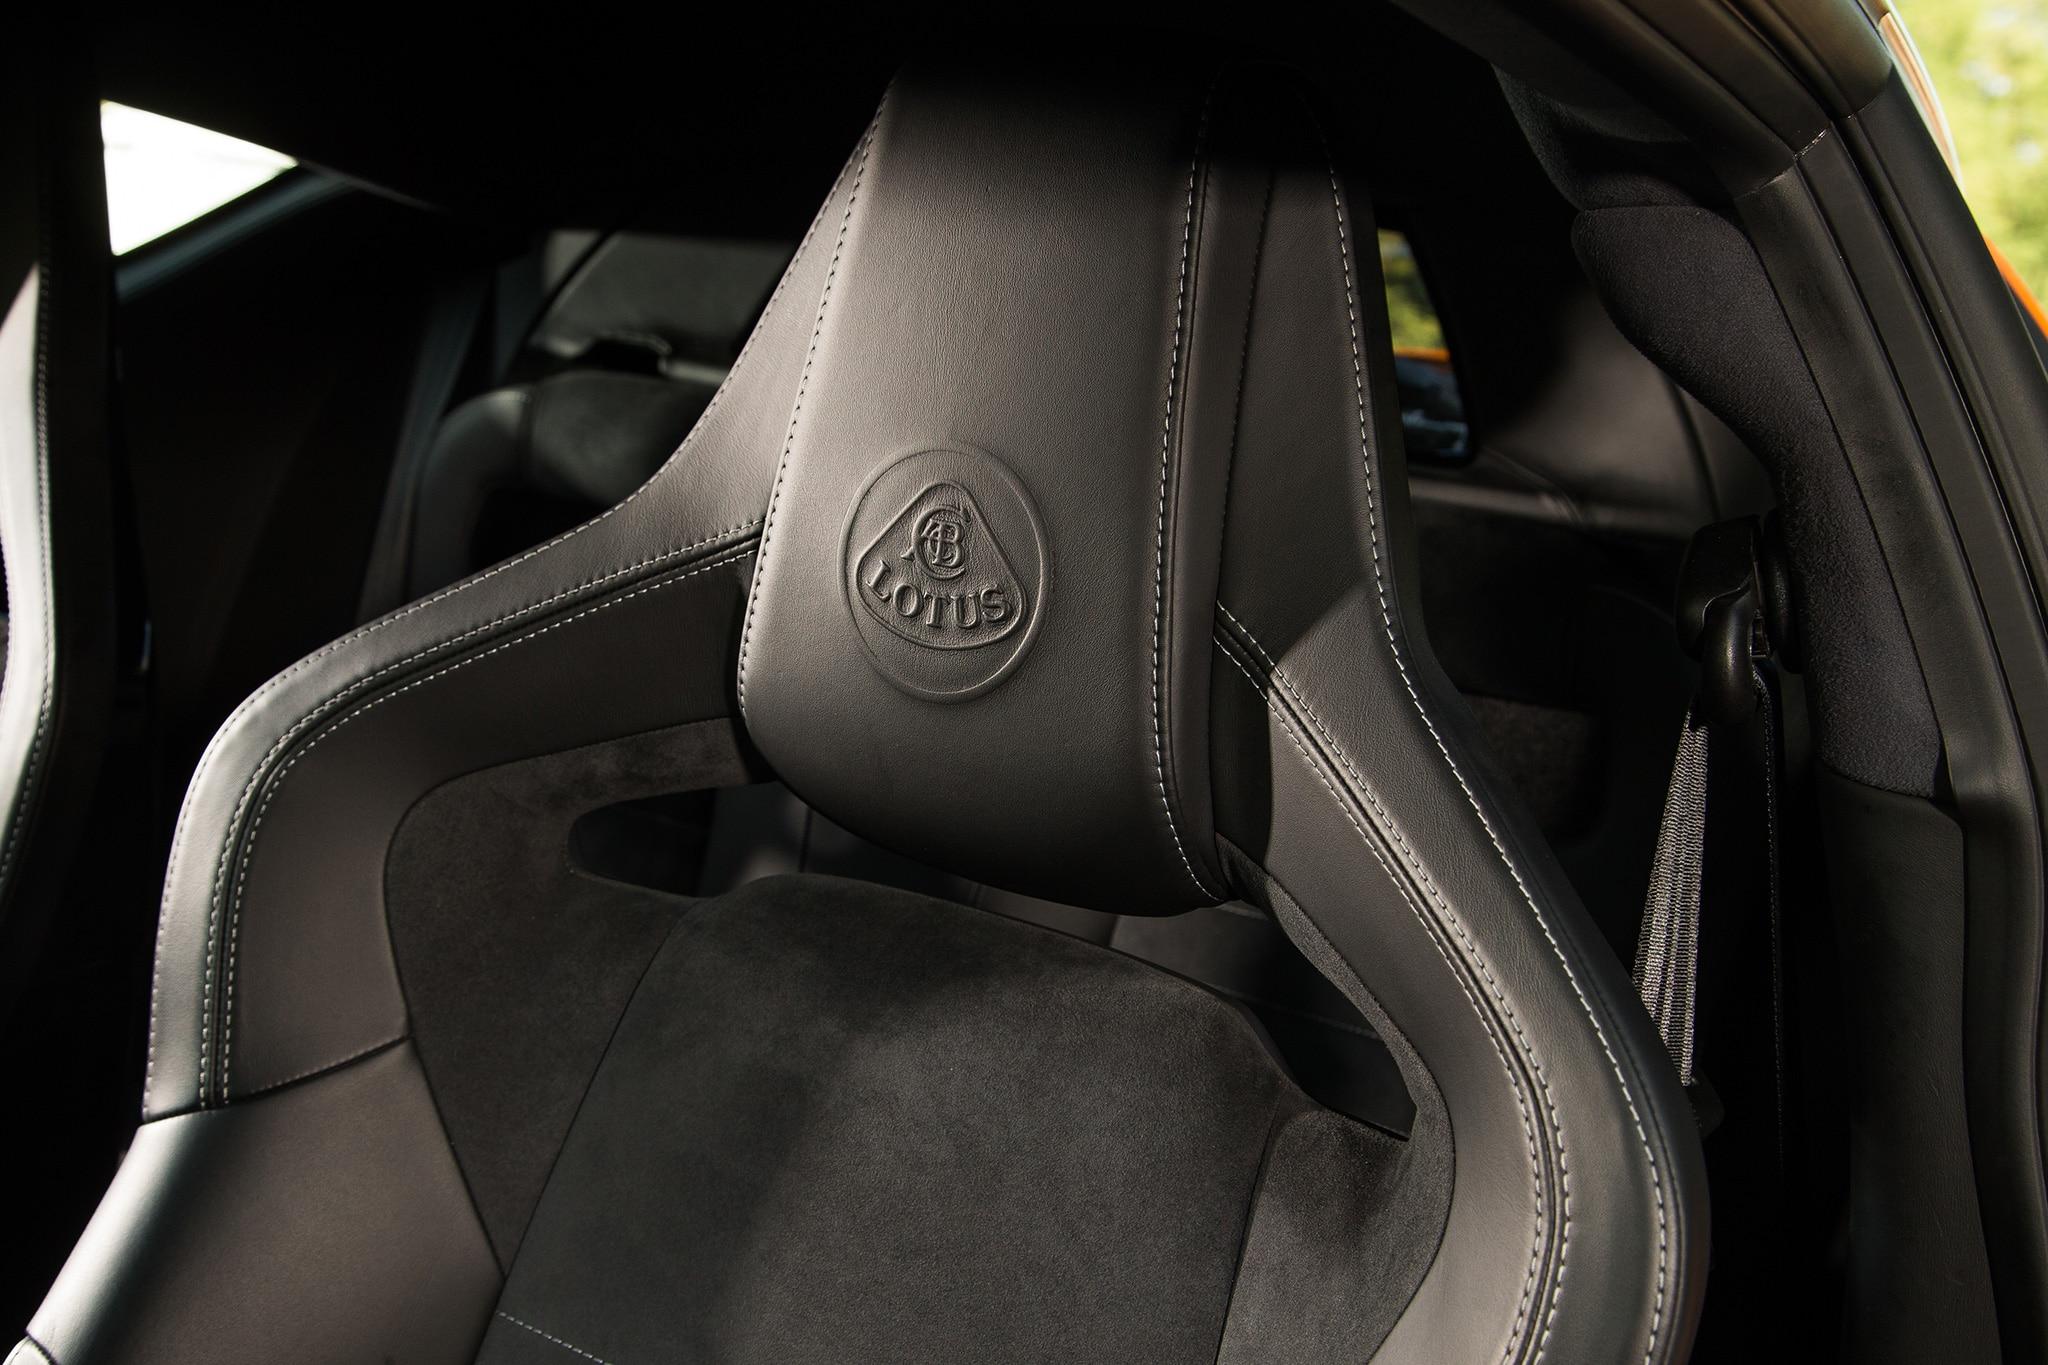 2017 Lotus Evora 400 Seat Detail 01